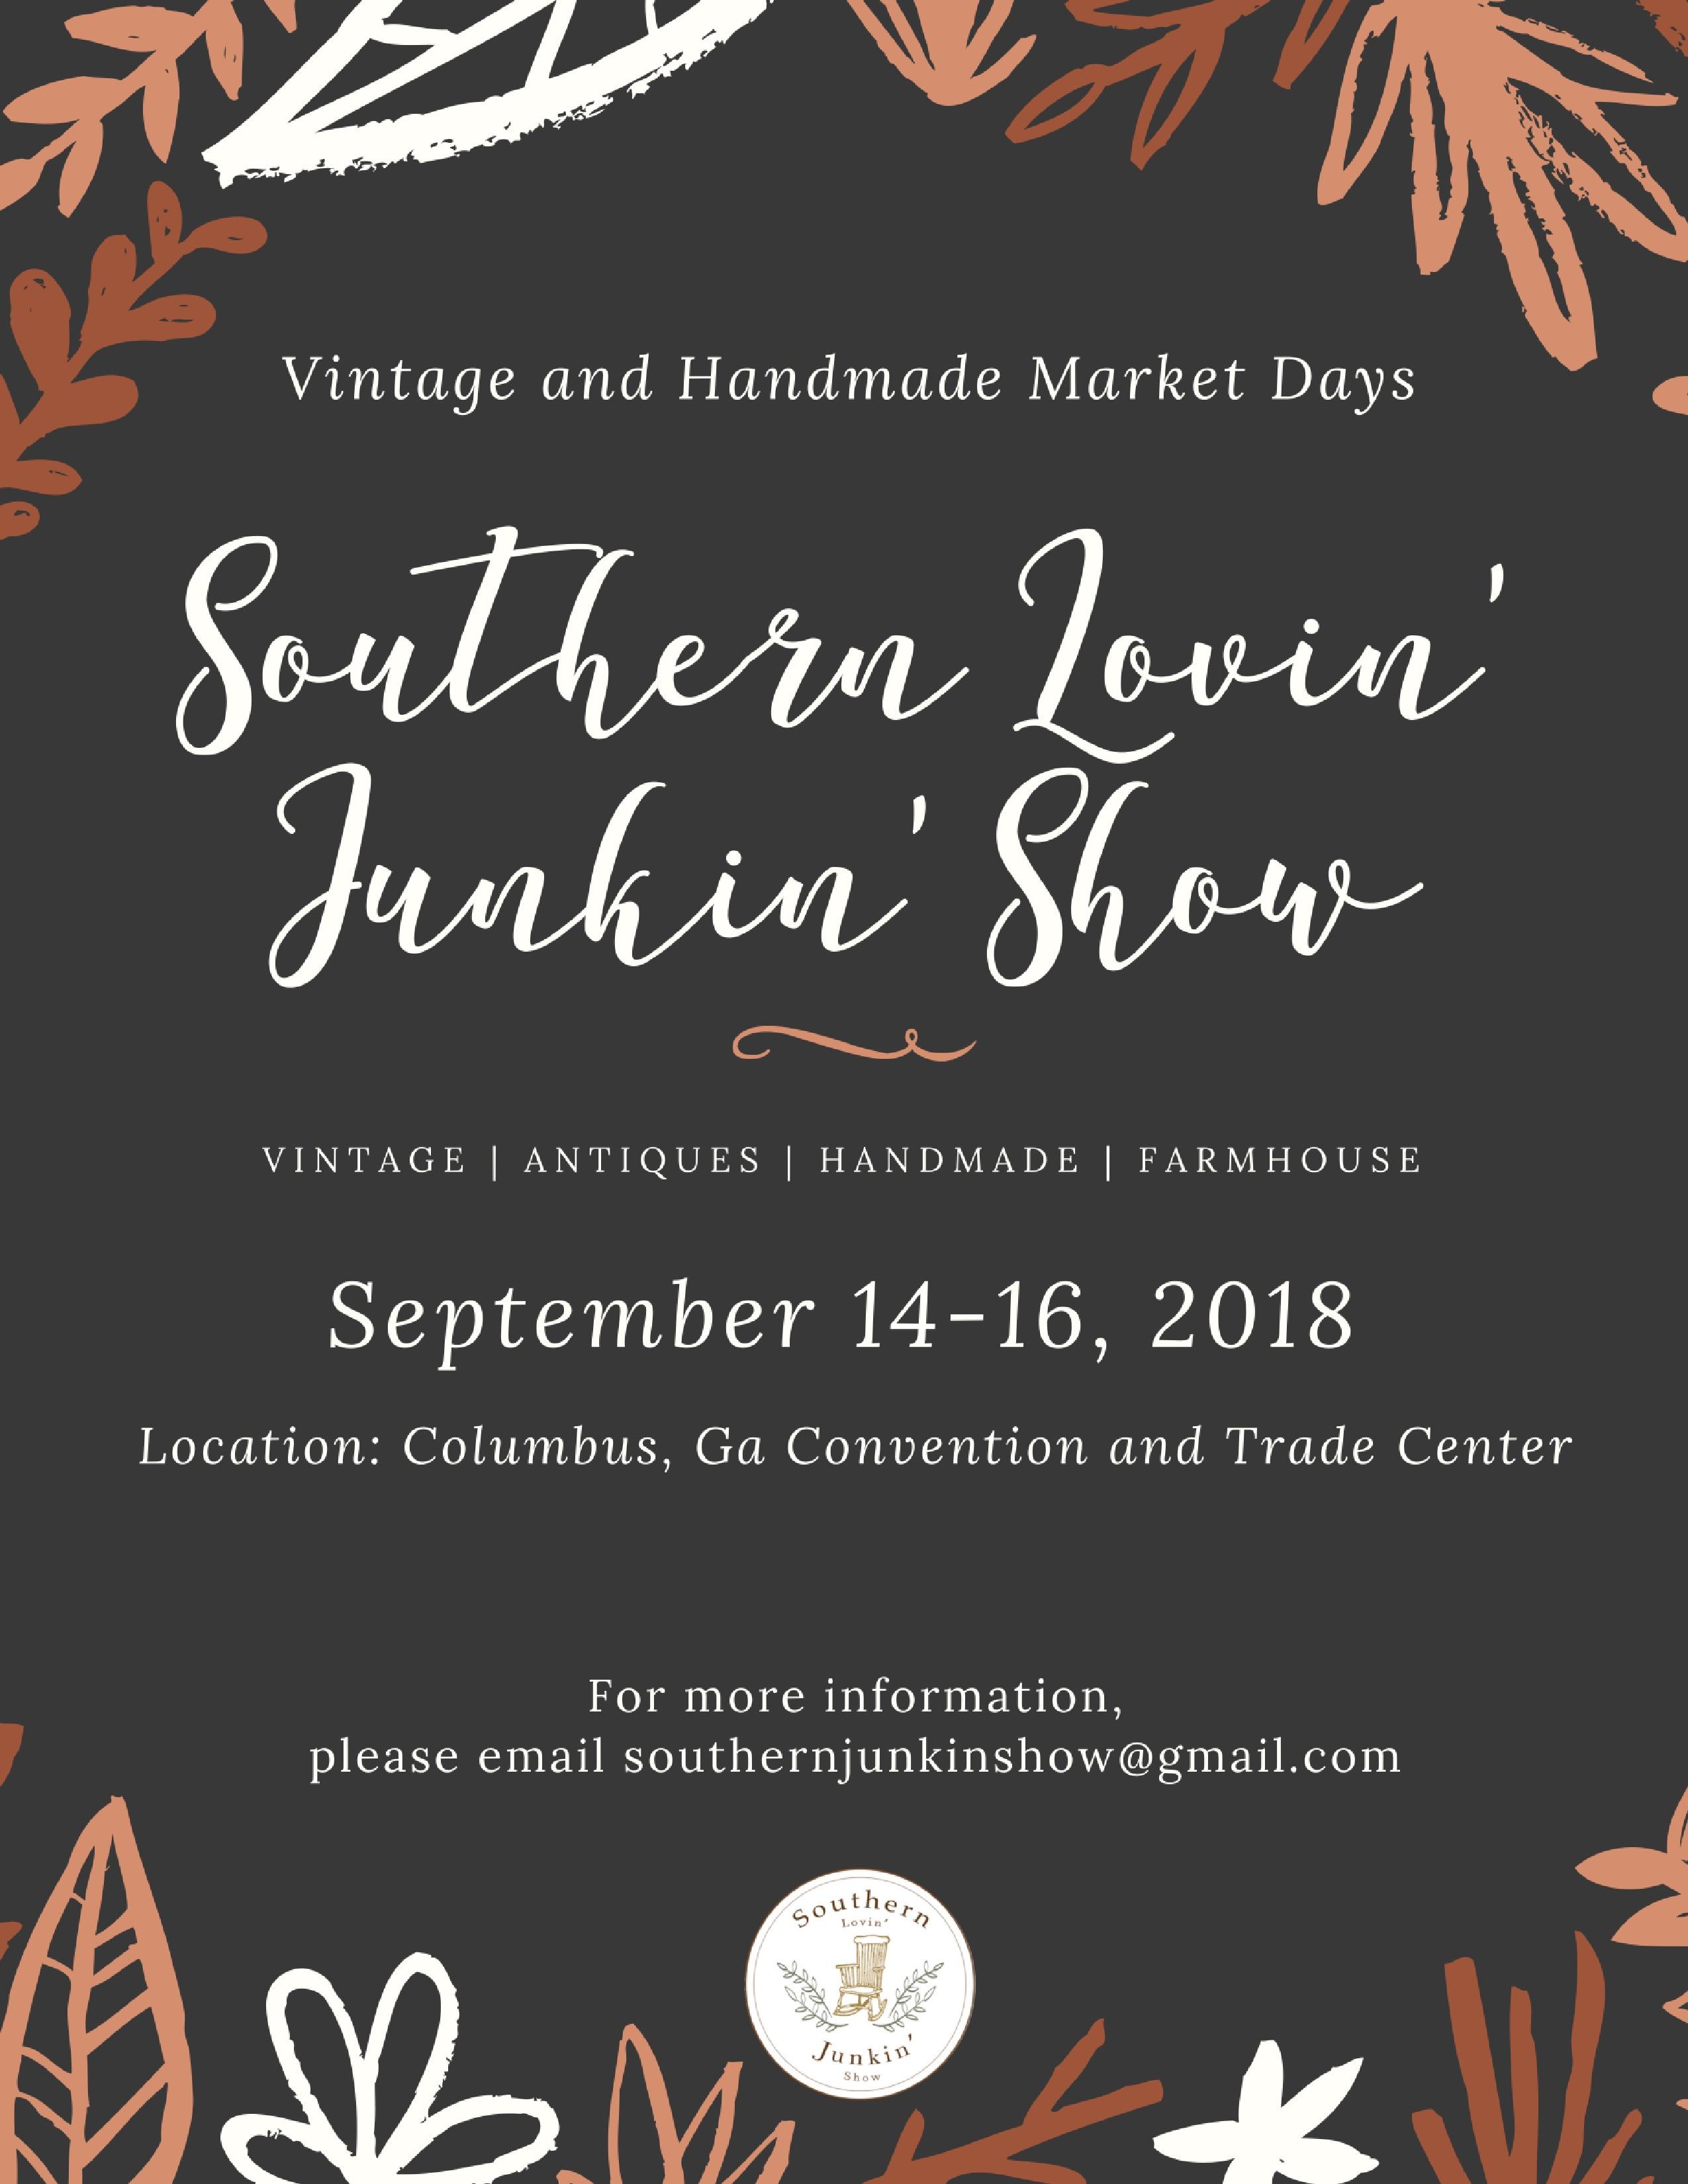 Southern Lovin' Junkin' Show